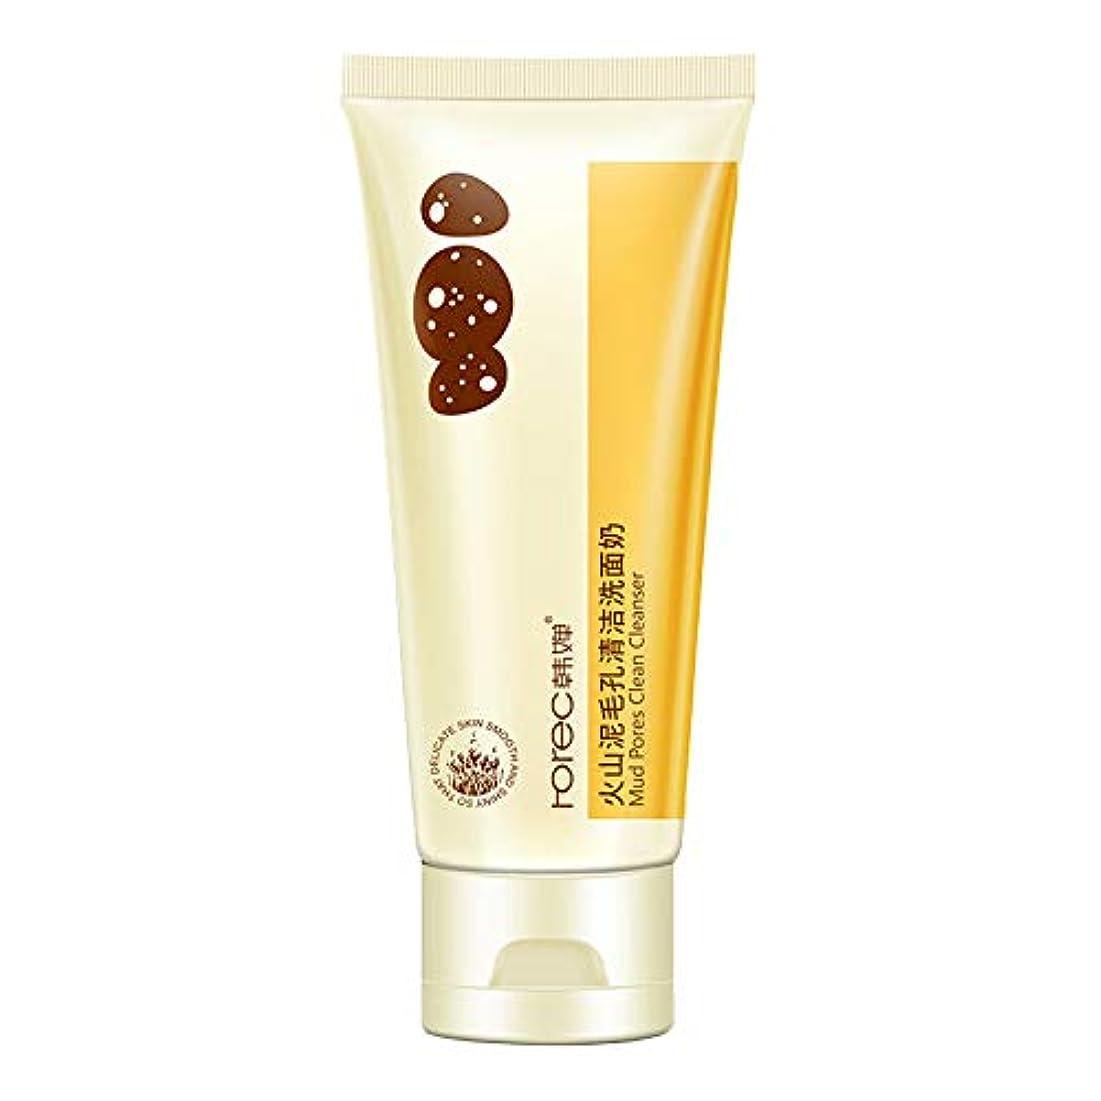 器用粗い独立したAkane Rorec 顔洗い 深層 清潔 綺麗に 保湿 浄化 角質除去 クレンジング オイルコントロール 火山泥 使いやすい 洗顔料 アロエクリーム NO.HC4328